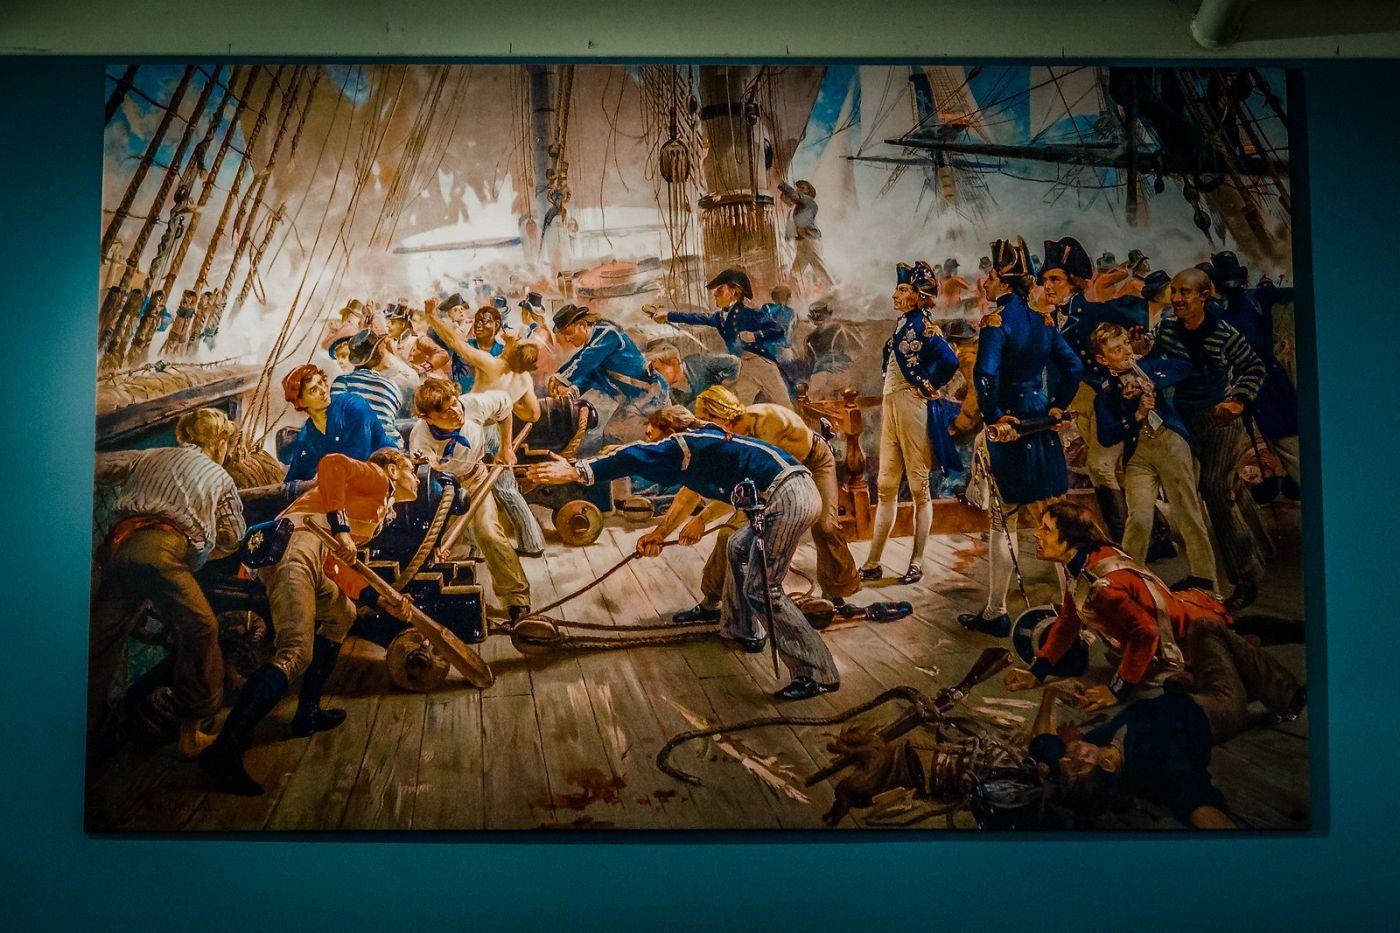 加拿大哈利法克斯(Halifax)大西洋海事博物馆_图1-13